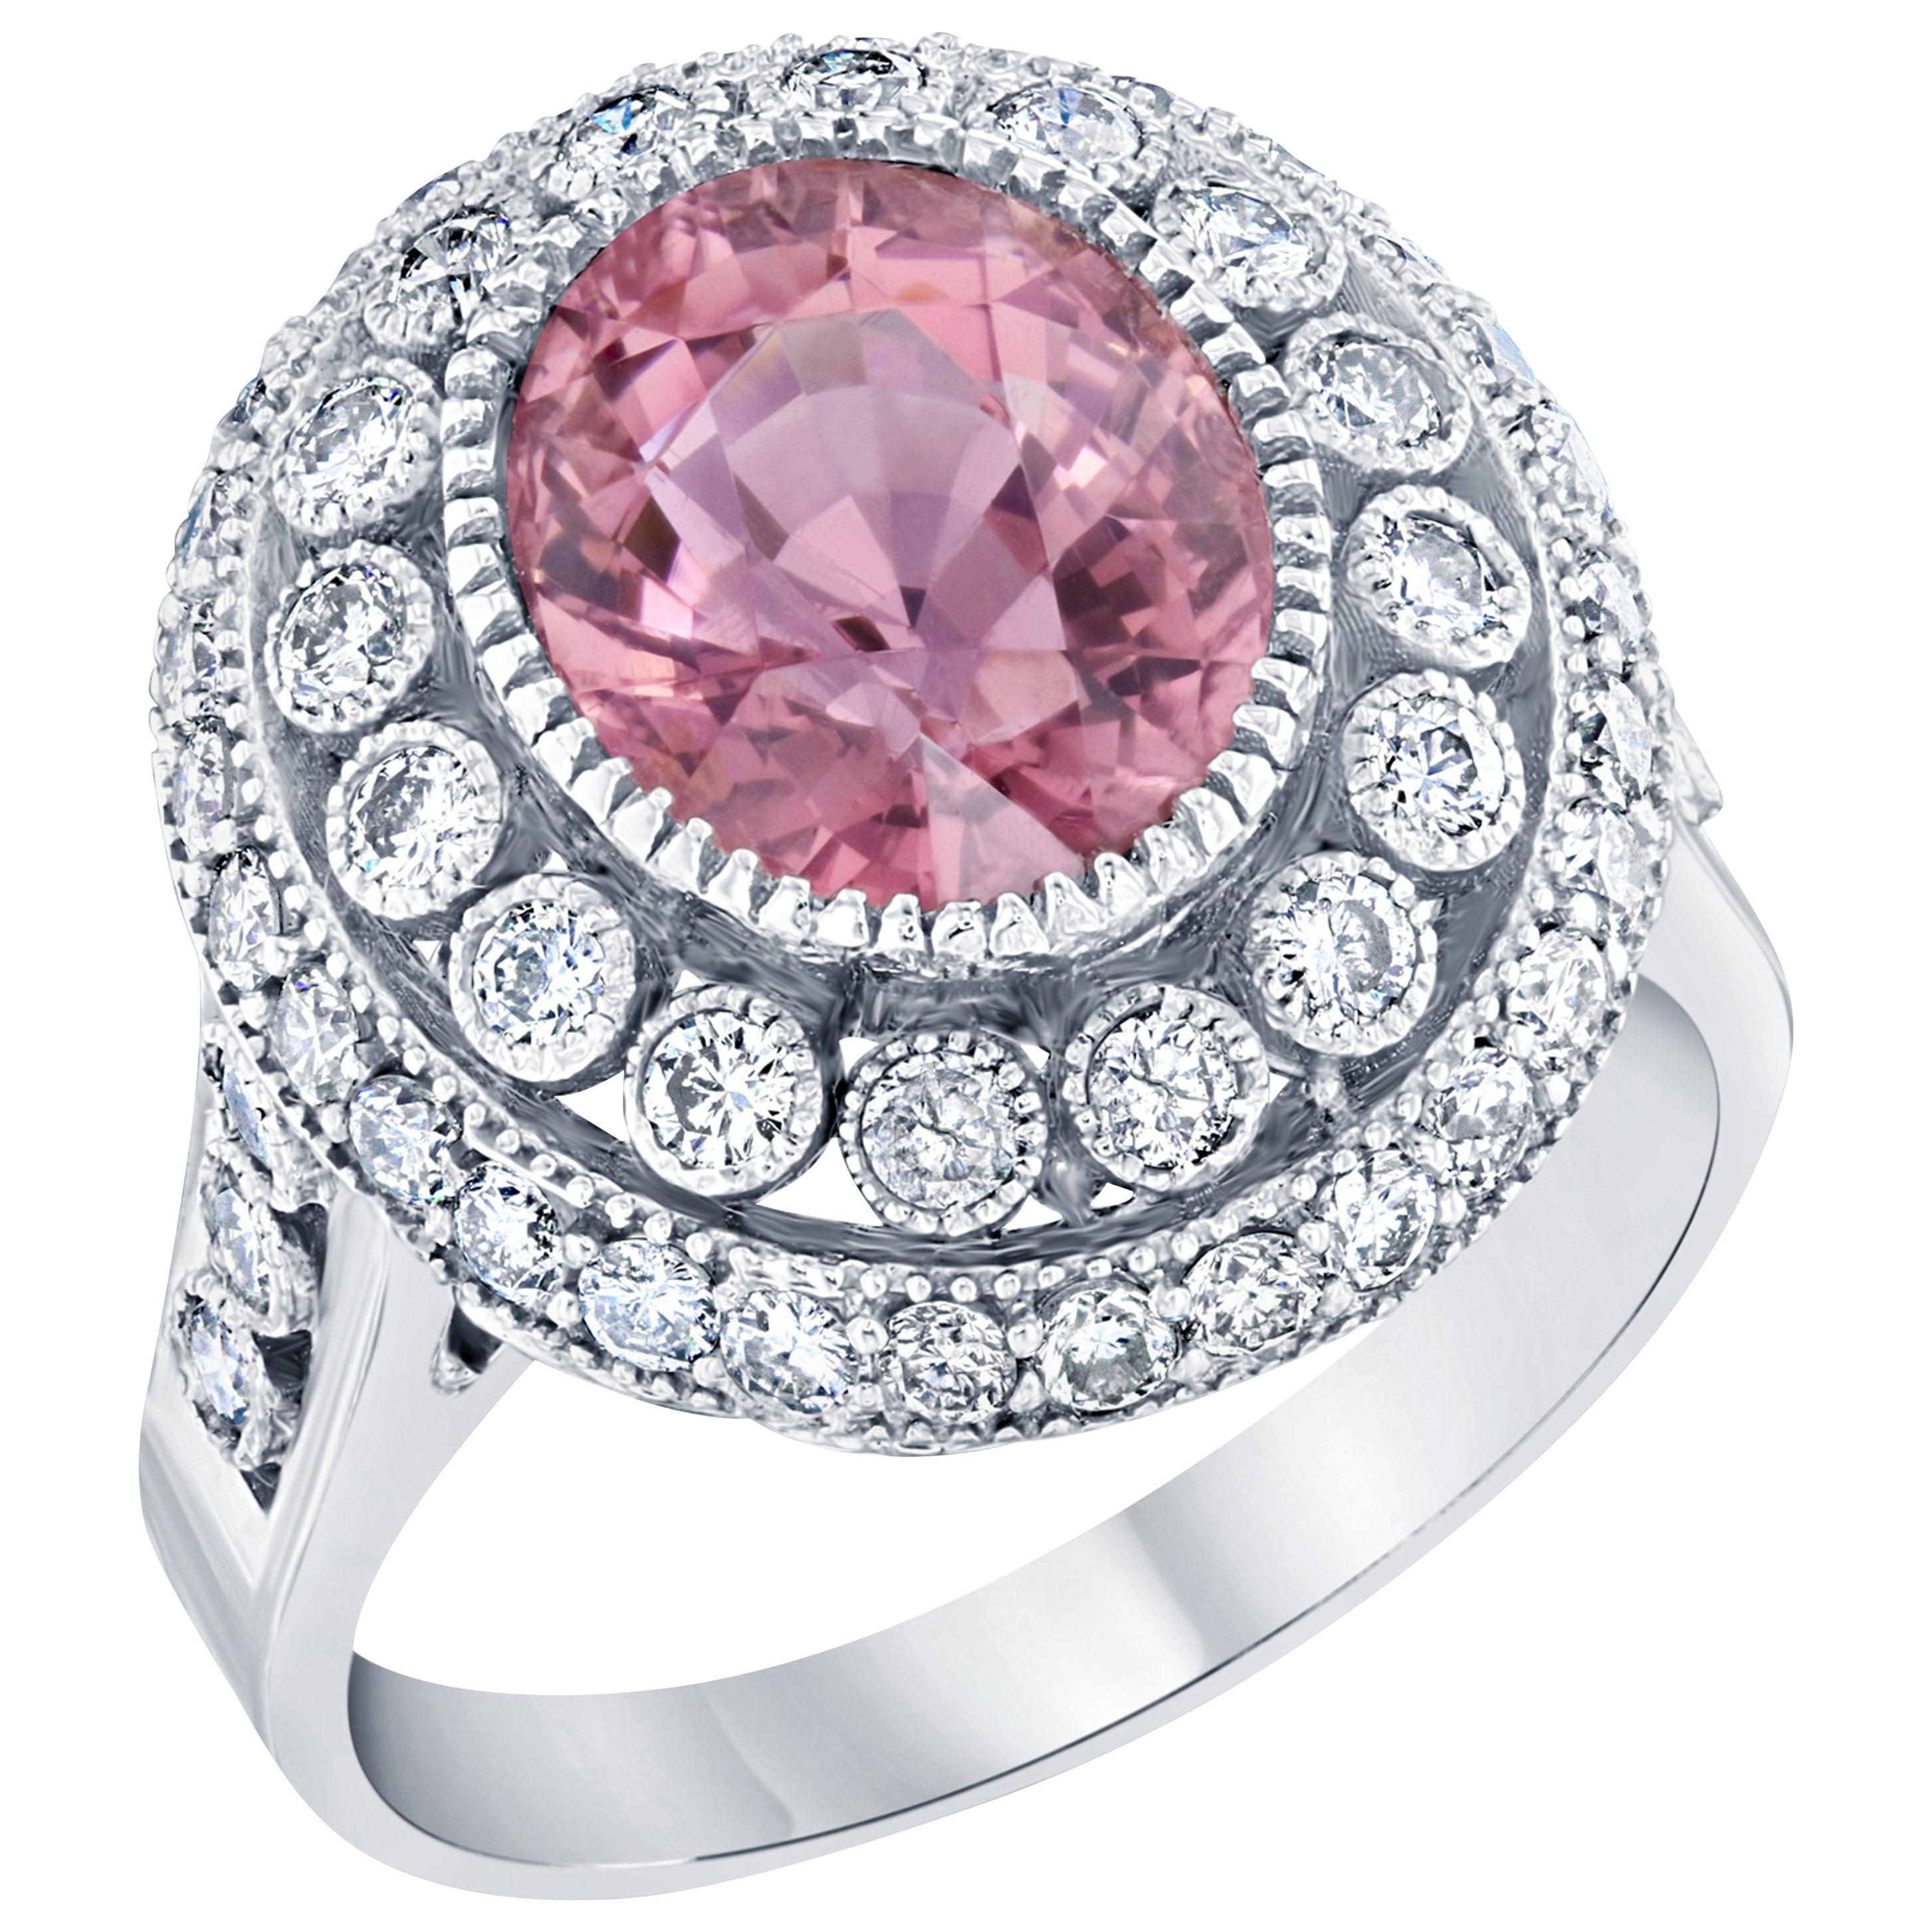 4.47 Carat Pink Tourmaline Diamond White Gold Cocktail Ring